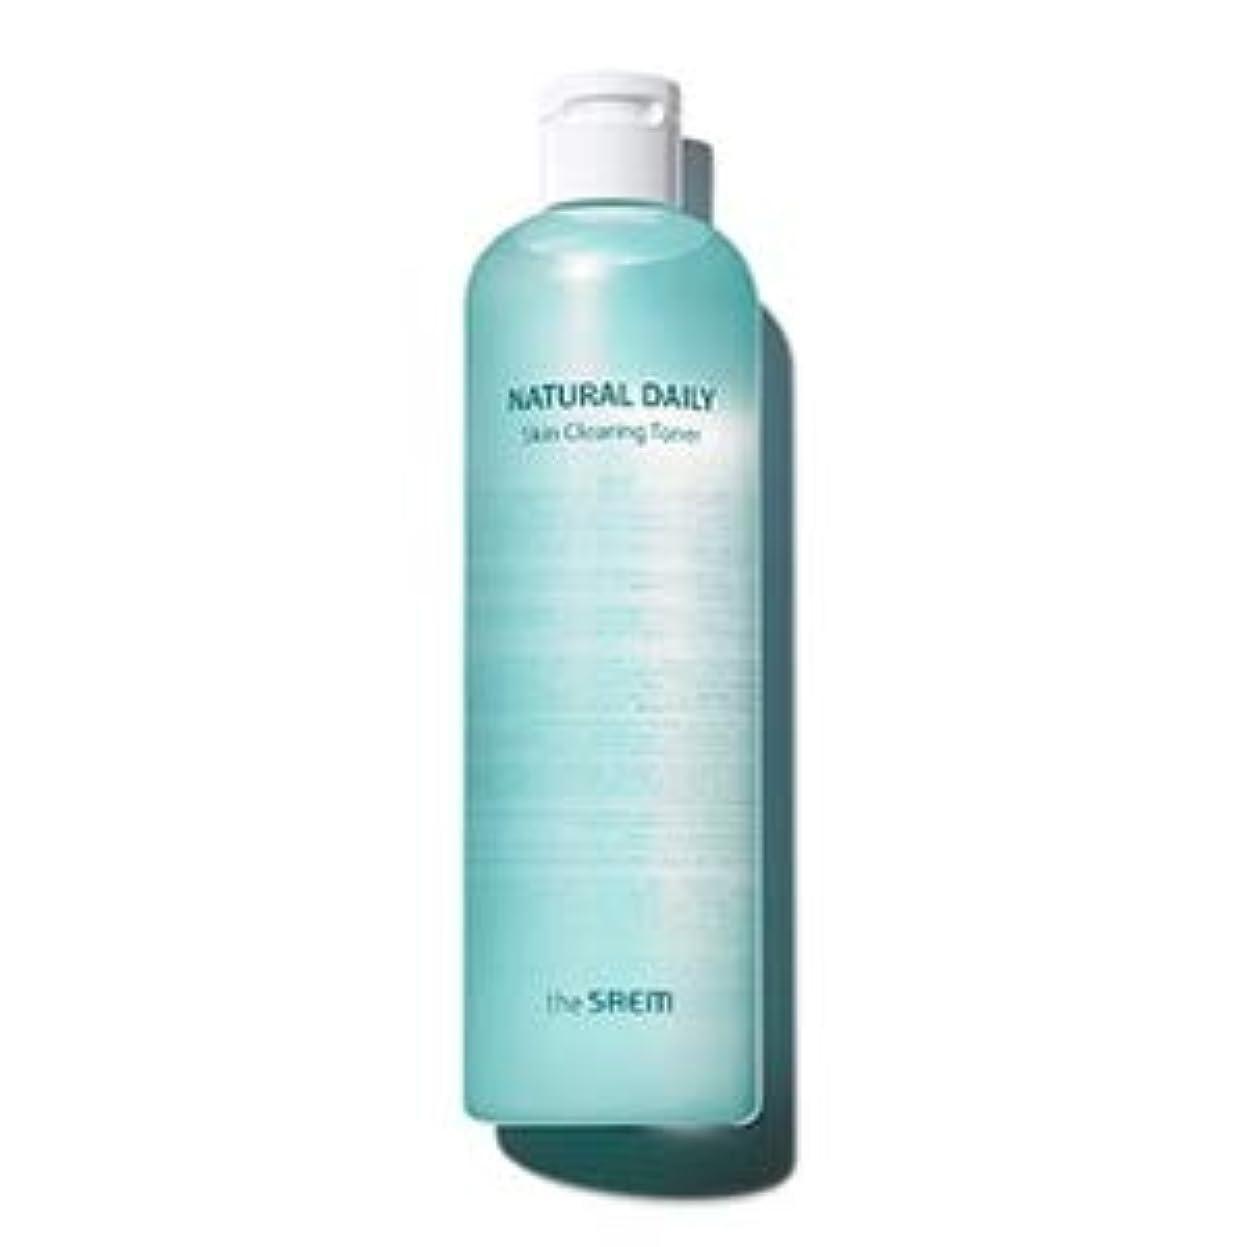 消防士主流光沢のあるザセム ナチュラルデイリースキンクリアリングトナー500ml / The Saem Natural Daily Skin Clearing Toner 500ml [並行輸入品]